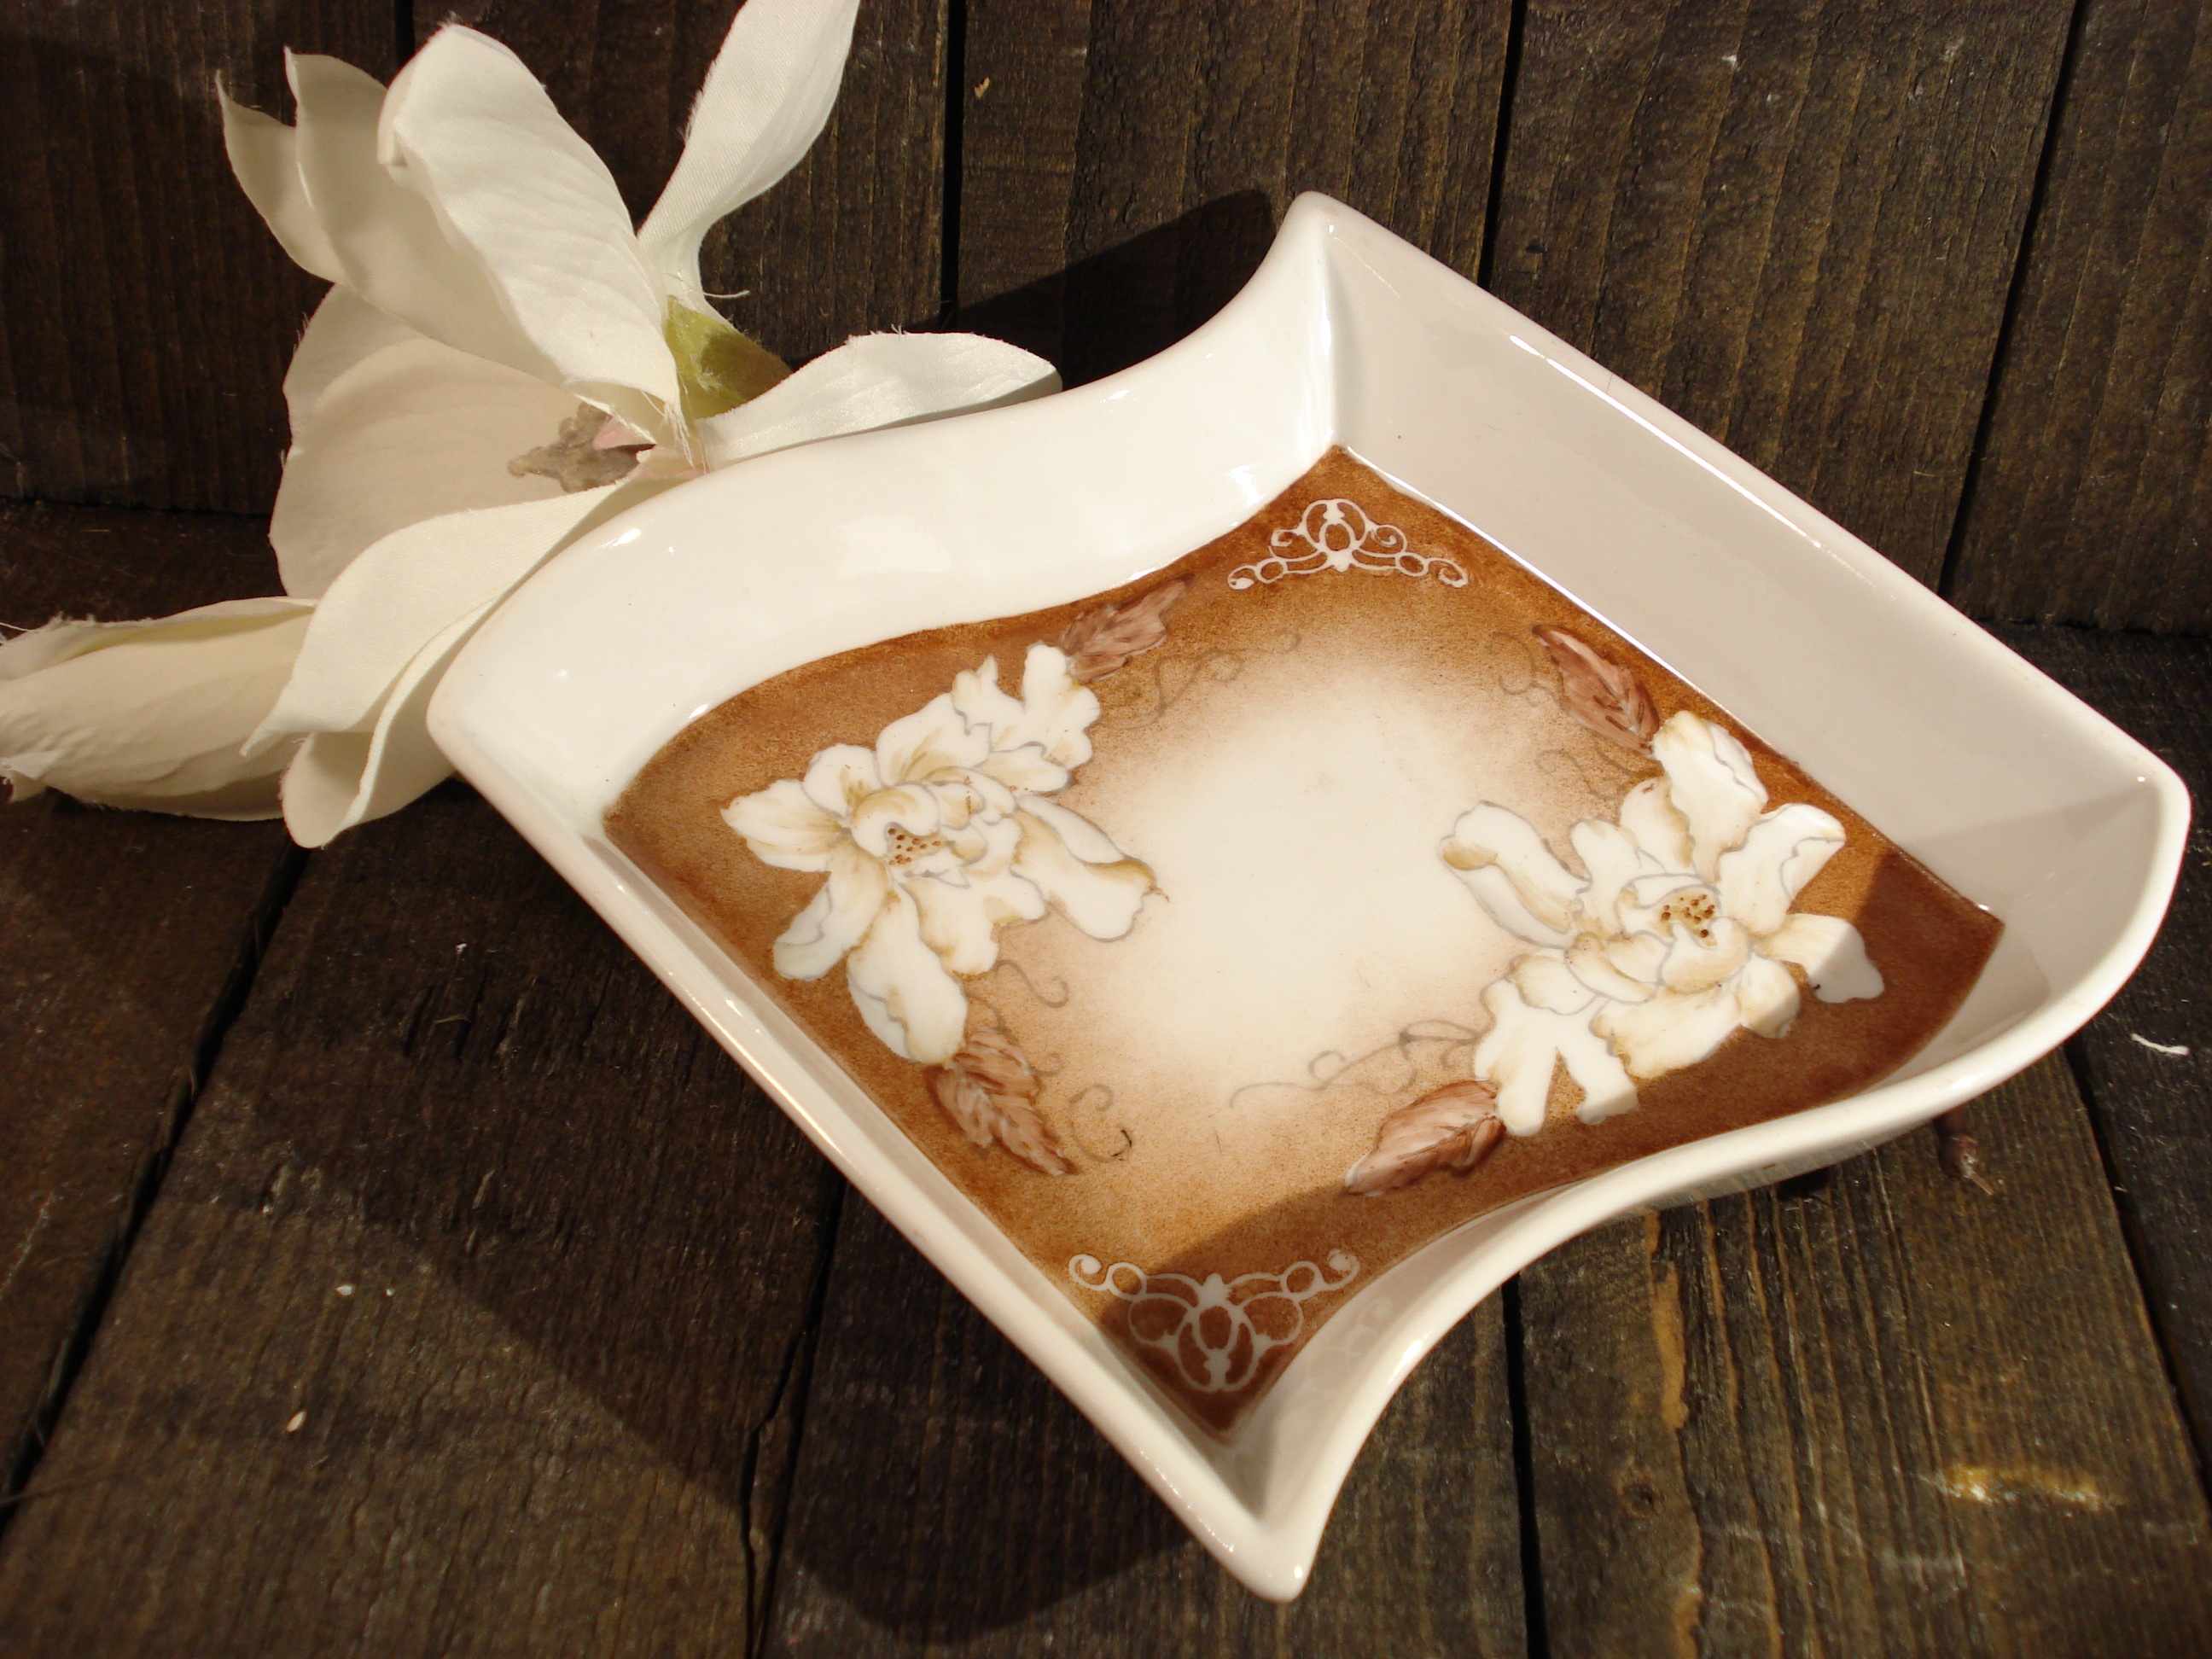 Lille håndmalet porcelænsfad